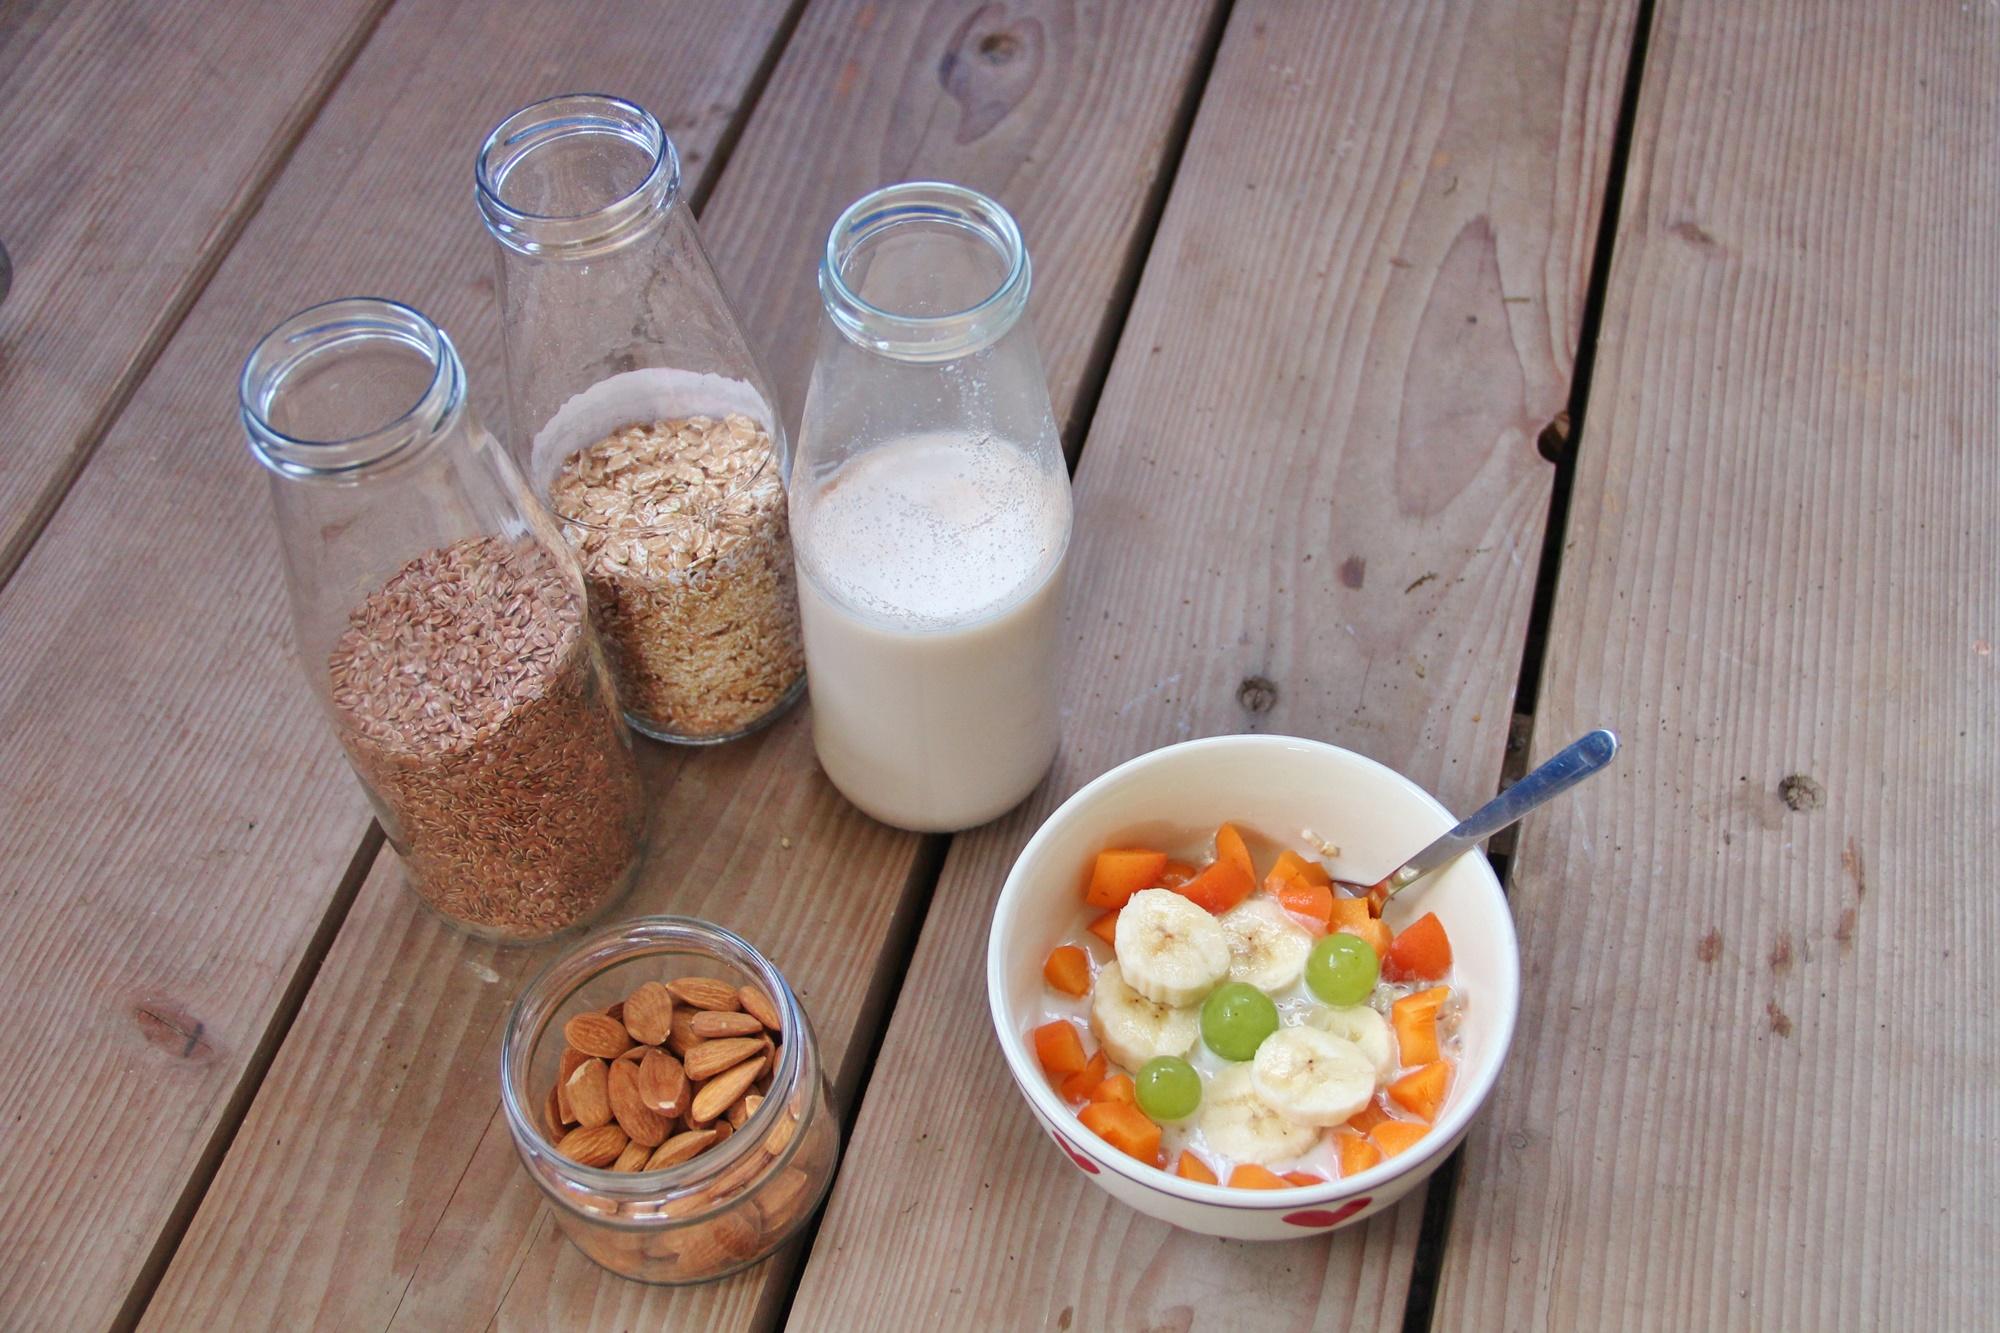 Pflanzen-Drinks herstellen: Vegan und Zero Waste